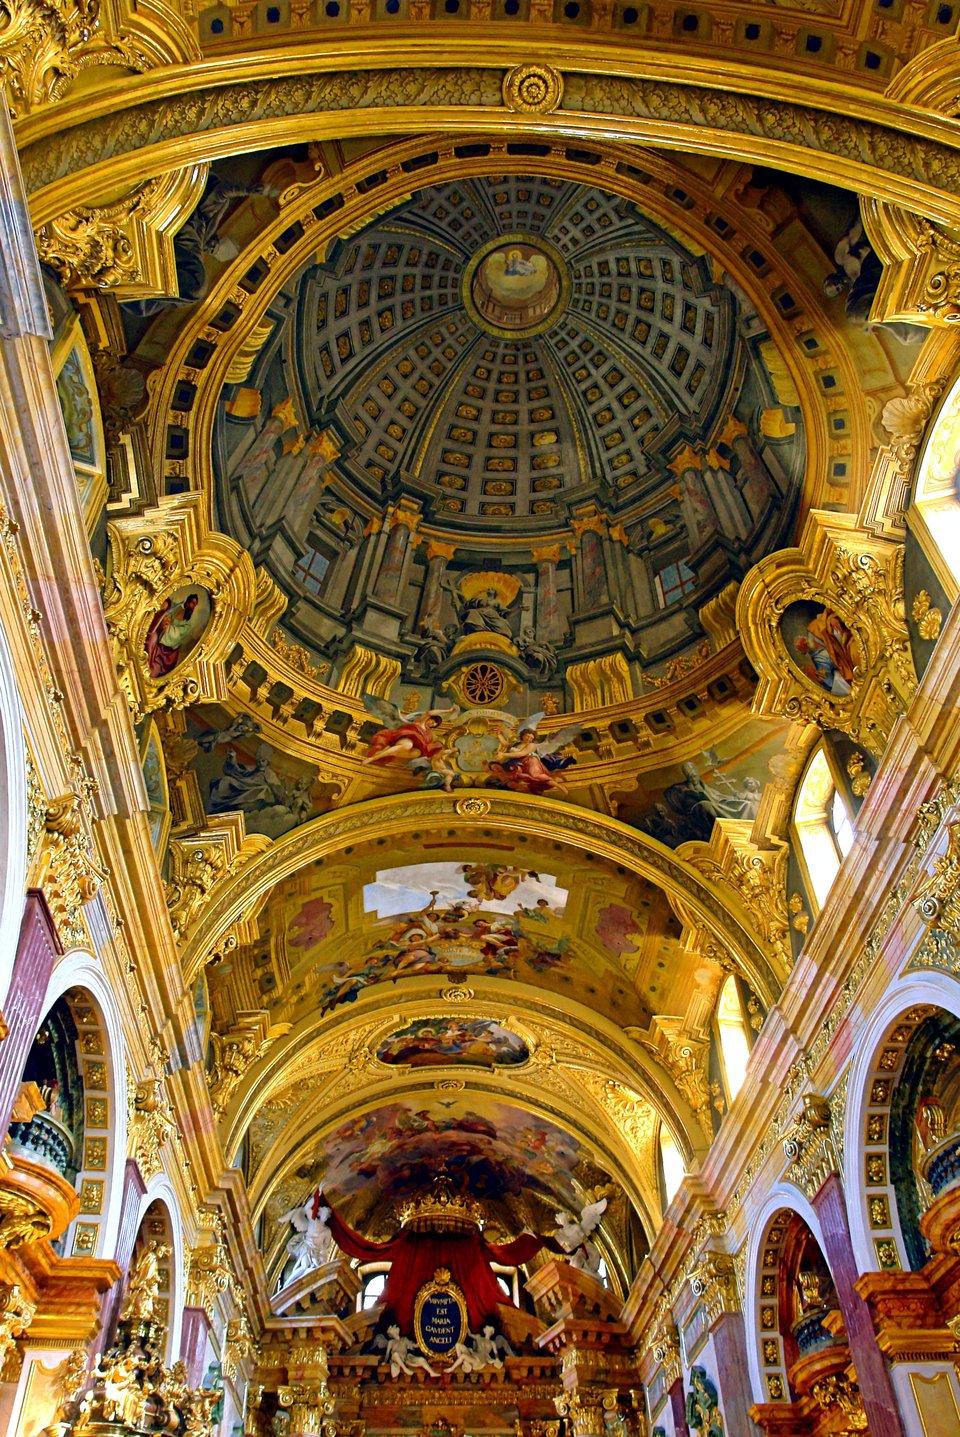 Malarstwoiluzjonistyczne wkościele jezuitów wWiedniu (XVII w.). Na sklepieniu namalowano widok, który stwarza iluzję, że kościół zwieńczony jest kopułą. Malarstwoiluzjonistyczne wkościele jezuitów wWiedniu (XVII w.). Na sklepieniu namalowano widok, który stwarza iluzję, że kościół zwieńczony jest kopułą. Źródło: Alberto Fernandez, Wikimedia Commons, licencja: CC BY-SA 3.0.